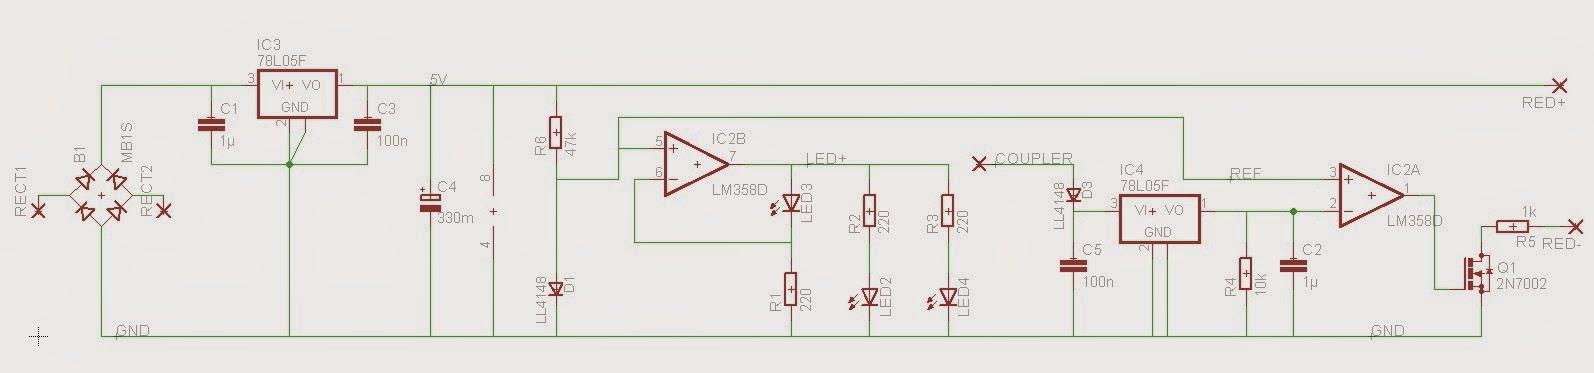 Modellbahn-Technik-Blog: Entwurf einer automatisch abschaltenden ...